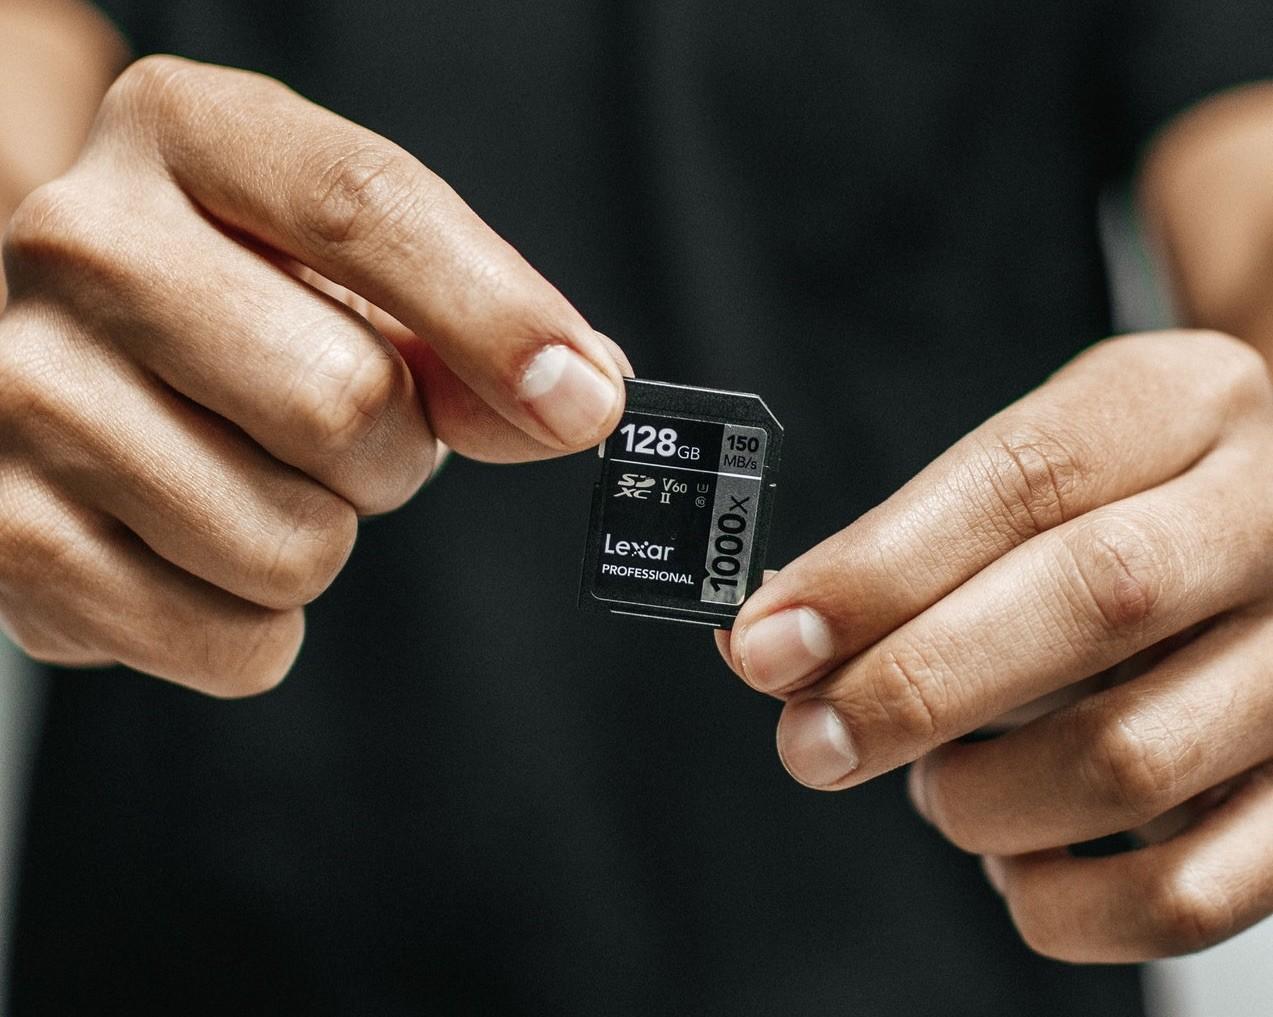 Cómo elegir la tarjeta SD adecuada para grabar vídeo 4K: mejores recomendaciones de compra y 7 modelos destacados para 2019